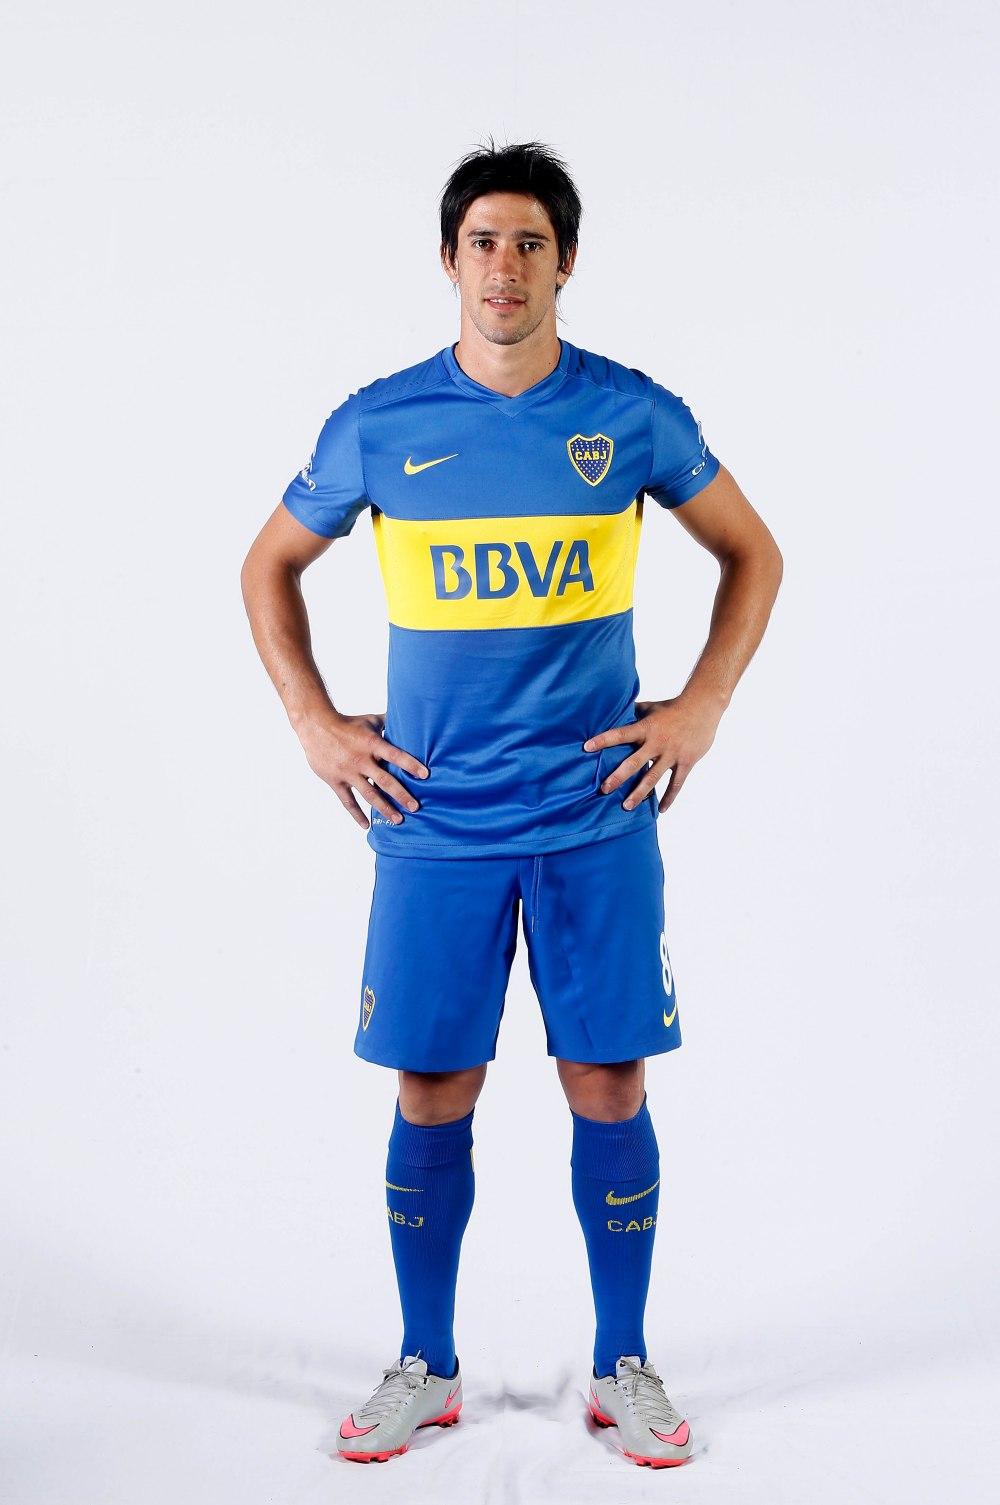 8 - Pablo Perez